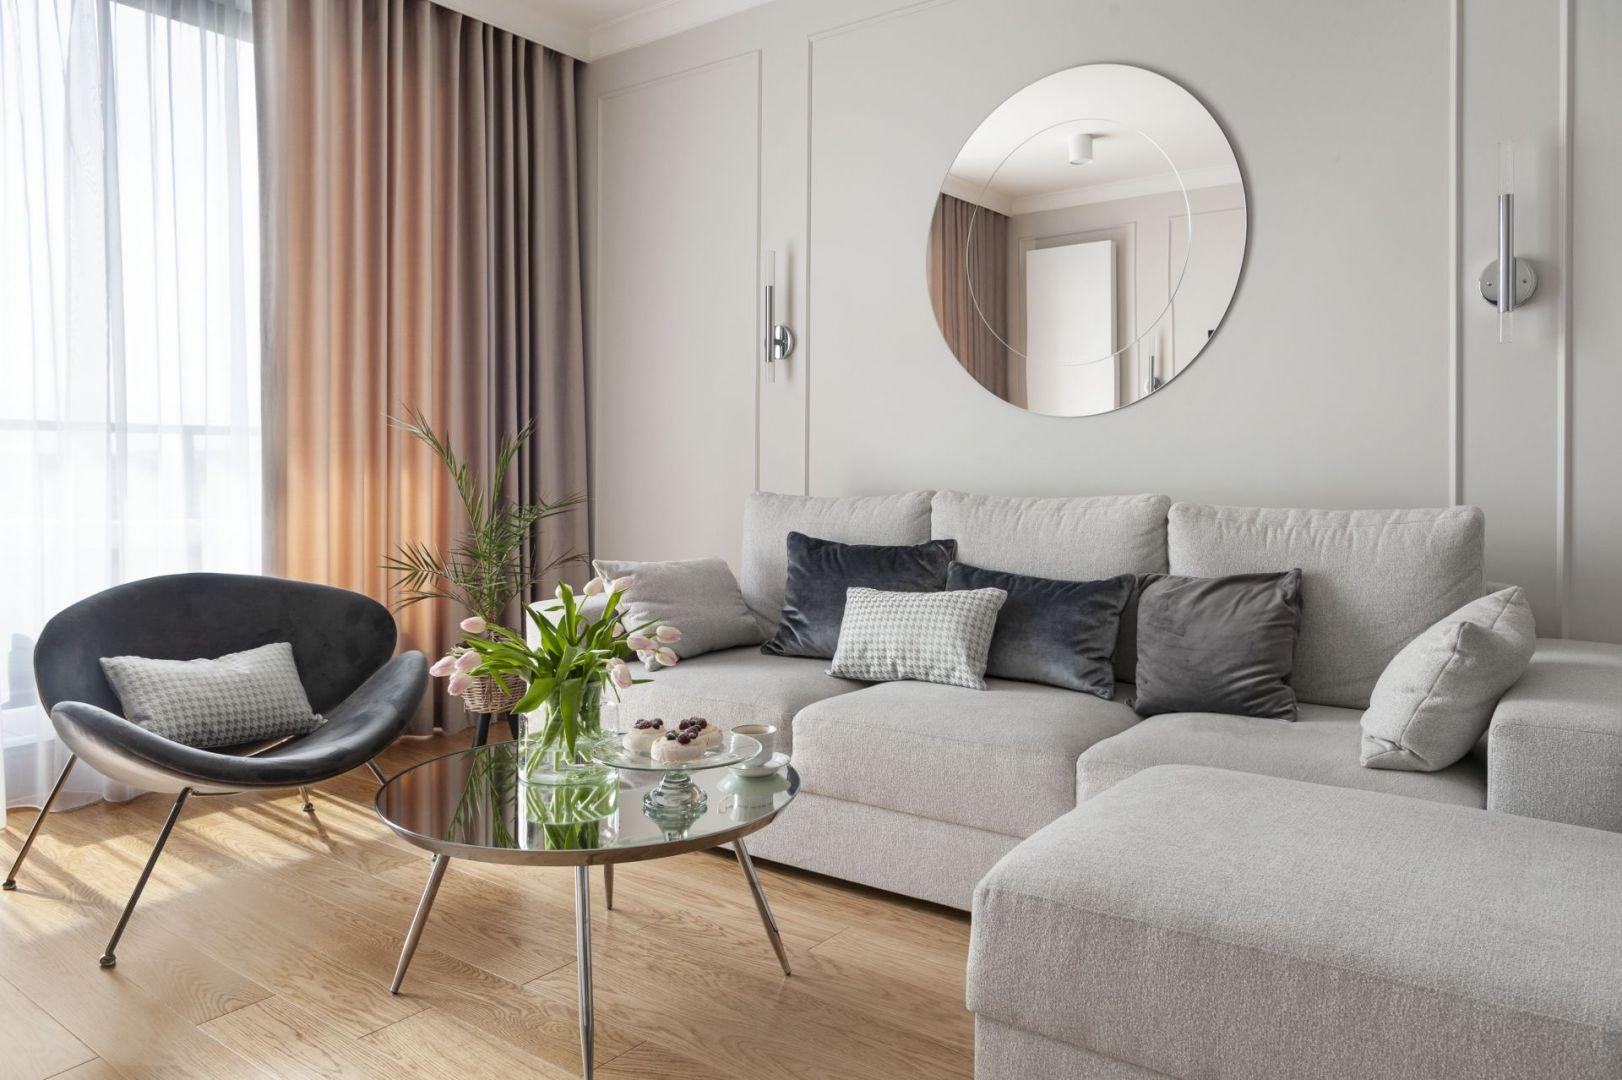 Mieszkanie o powierzchni 75 metrów kwadratowych zajmują rodzice z roczną córeczką. Projekt: Studio Projektowania Miśkiewicz Design. Fot. Anna Powałowska